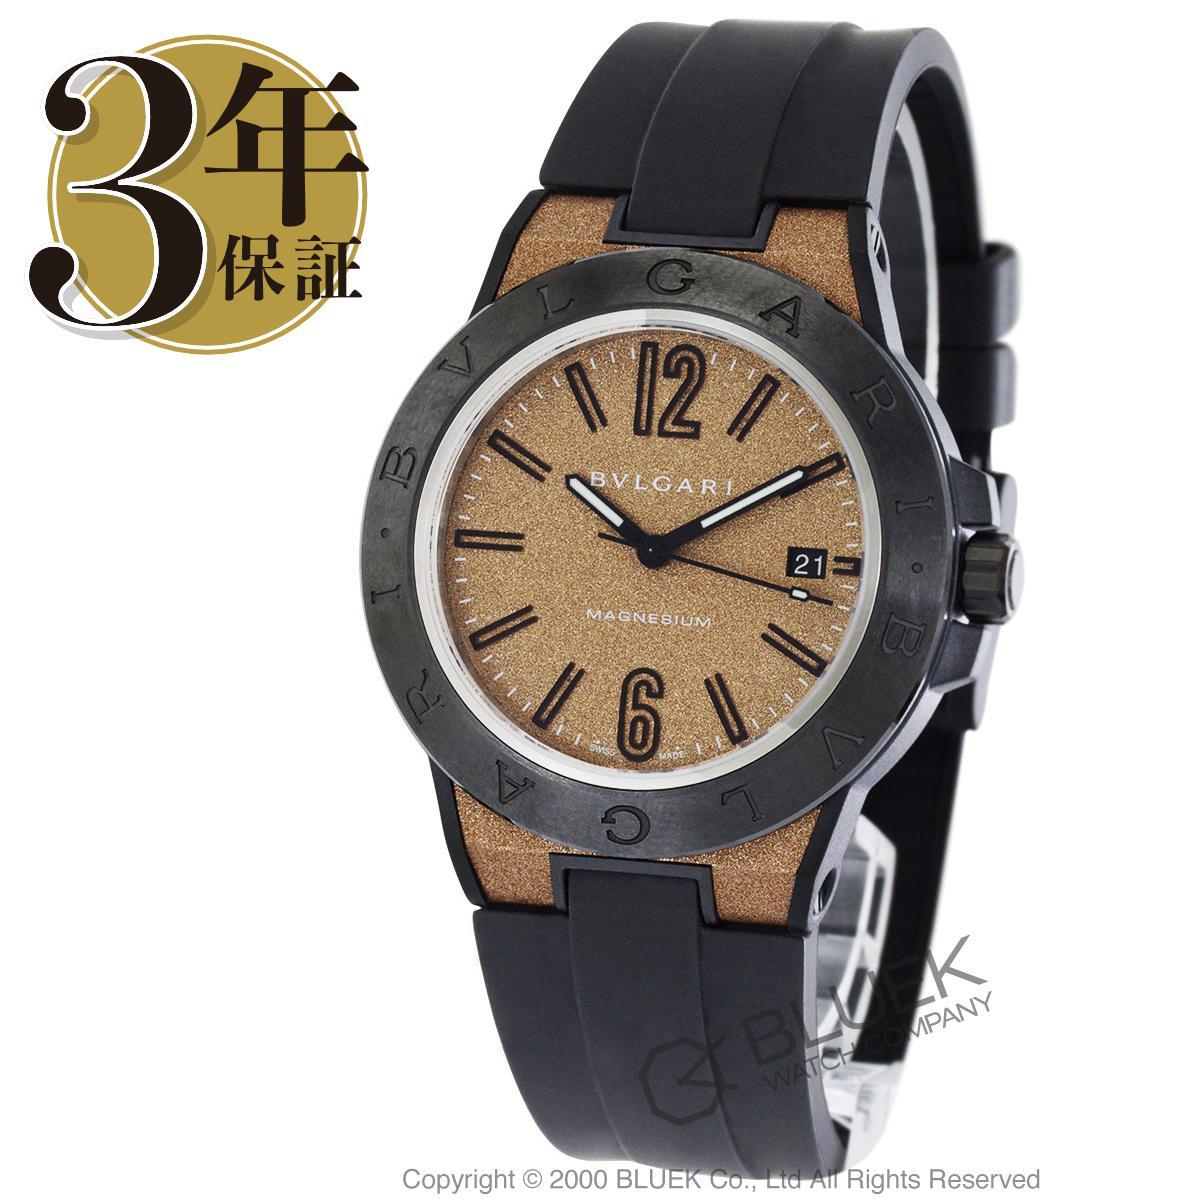 ブルガリ ディアゴノ マグネシウム 腕時計 メンズ BVLGARI DG41C11SMCVD_8